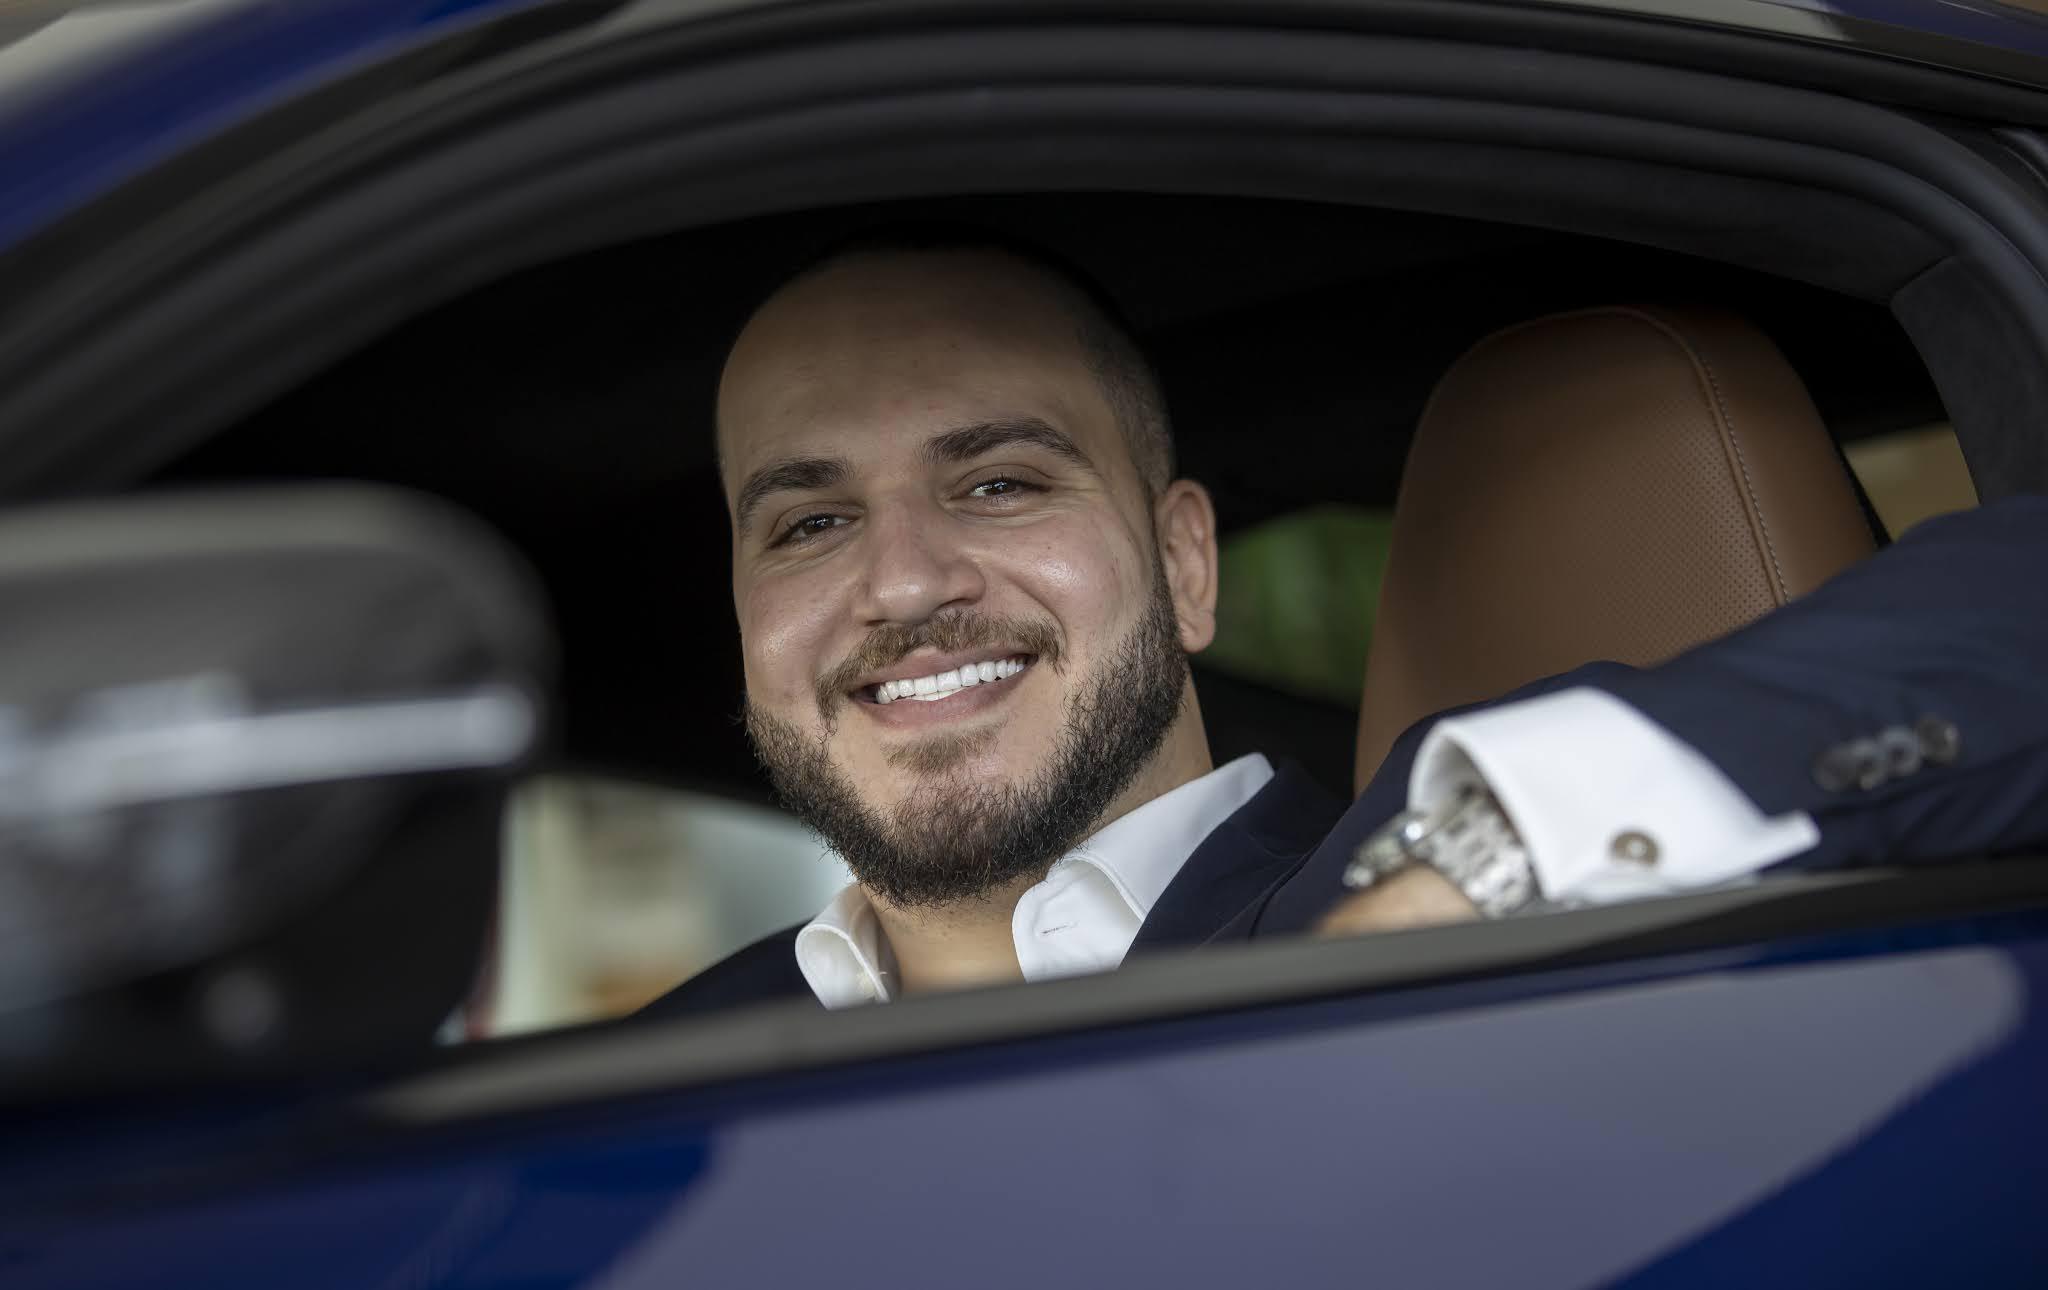 تعيين أسامة الشريف في منصب الرئيس الإقليمي لقسم الاتصال المؤسسي لـ BMW الشرق الأوسط